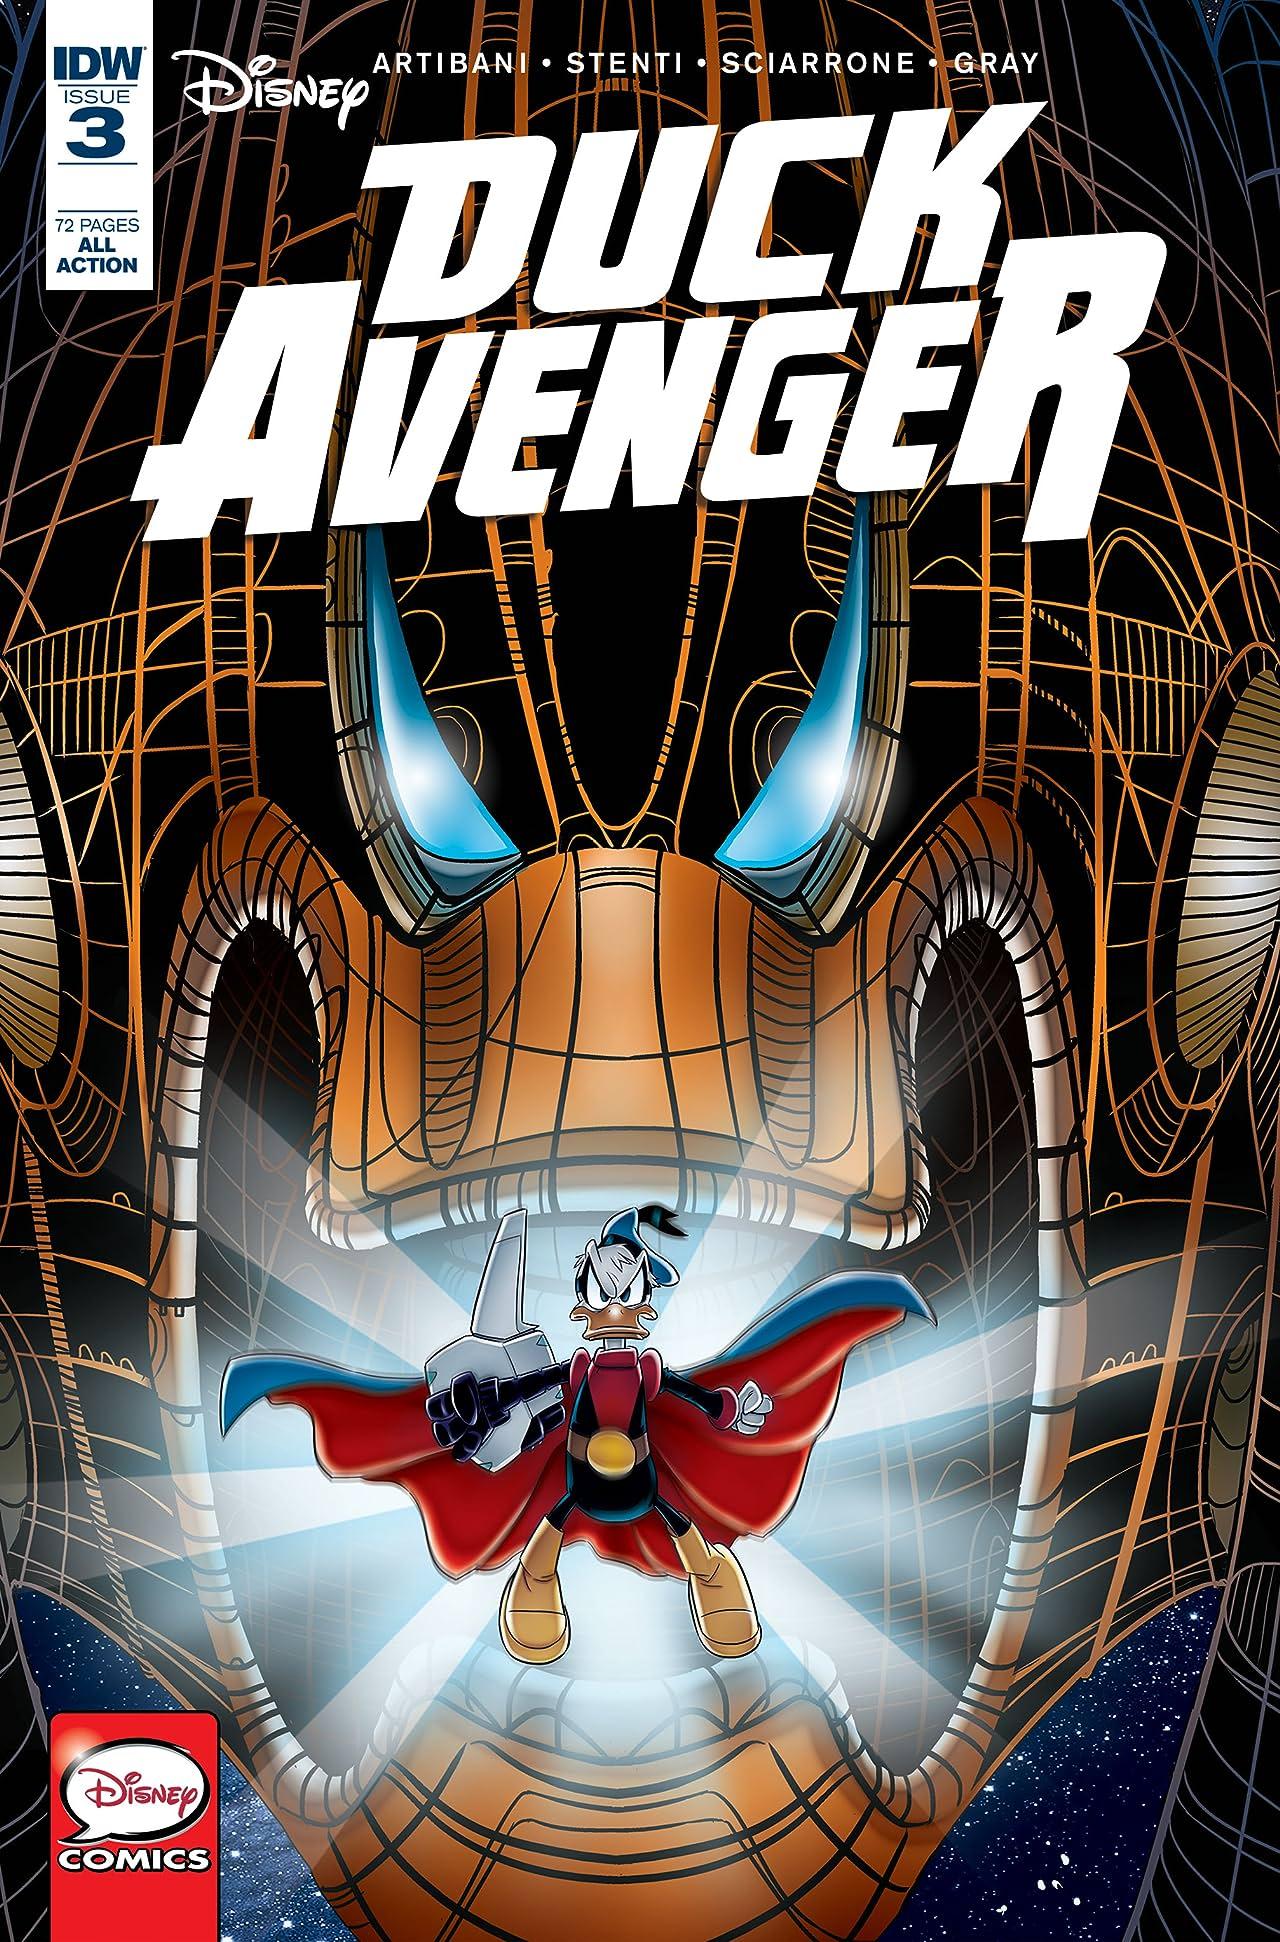 Duck Avenger #3